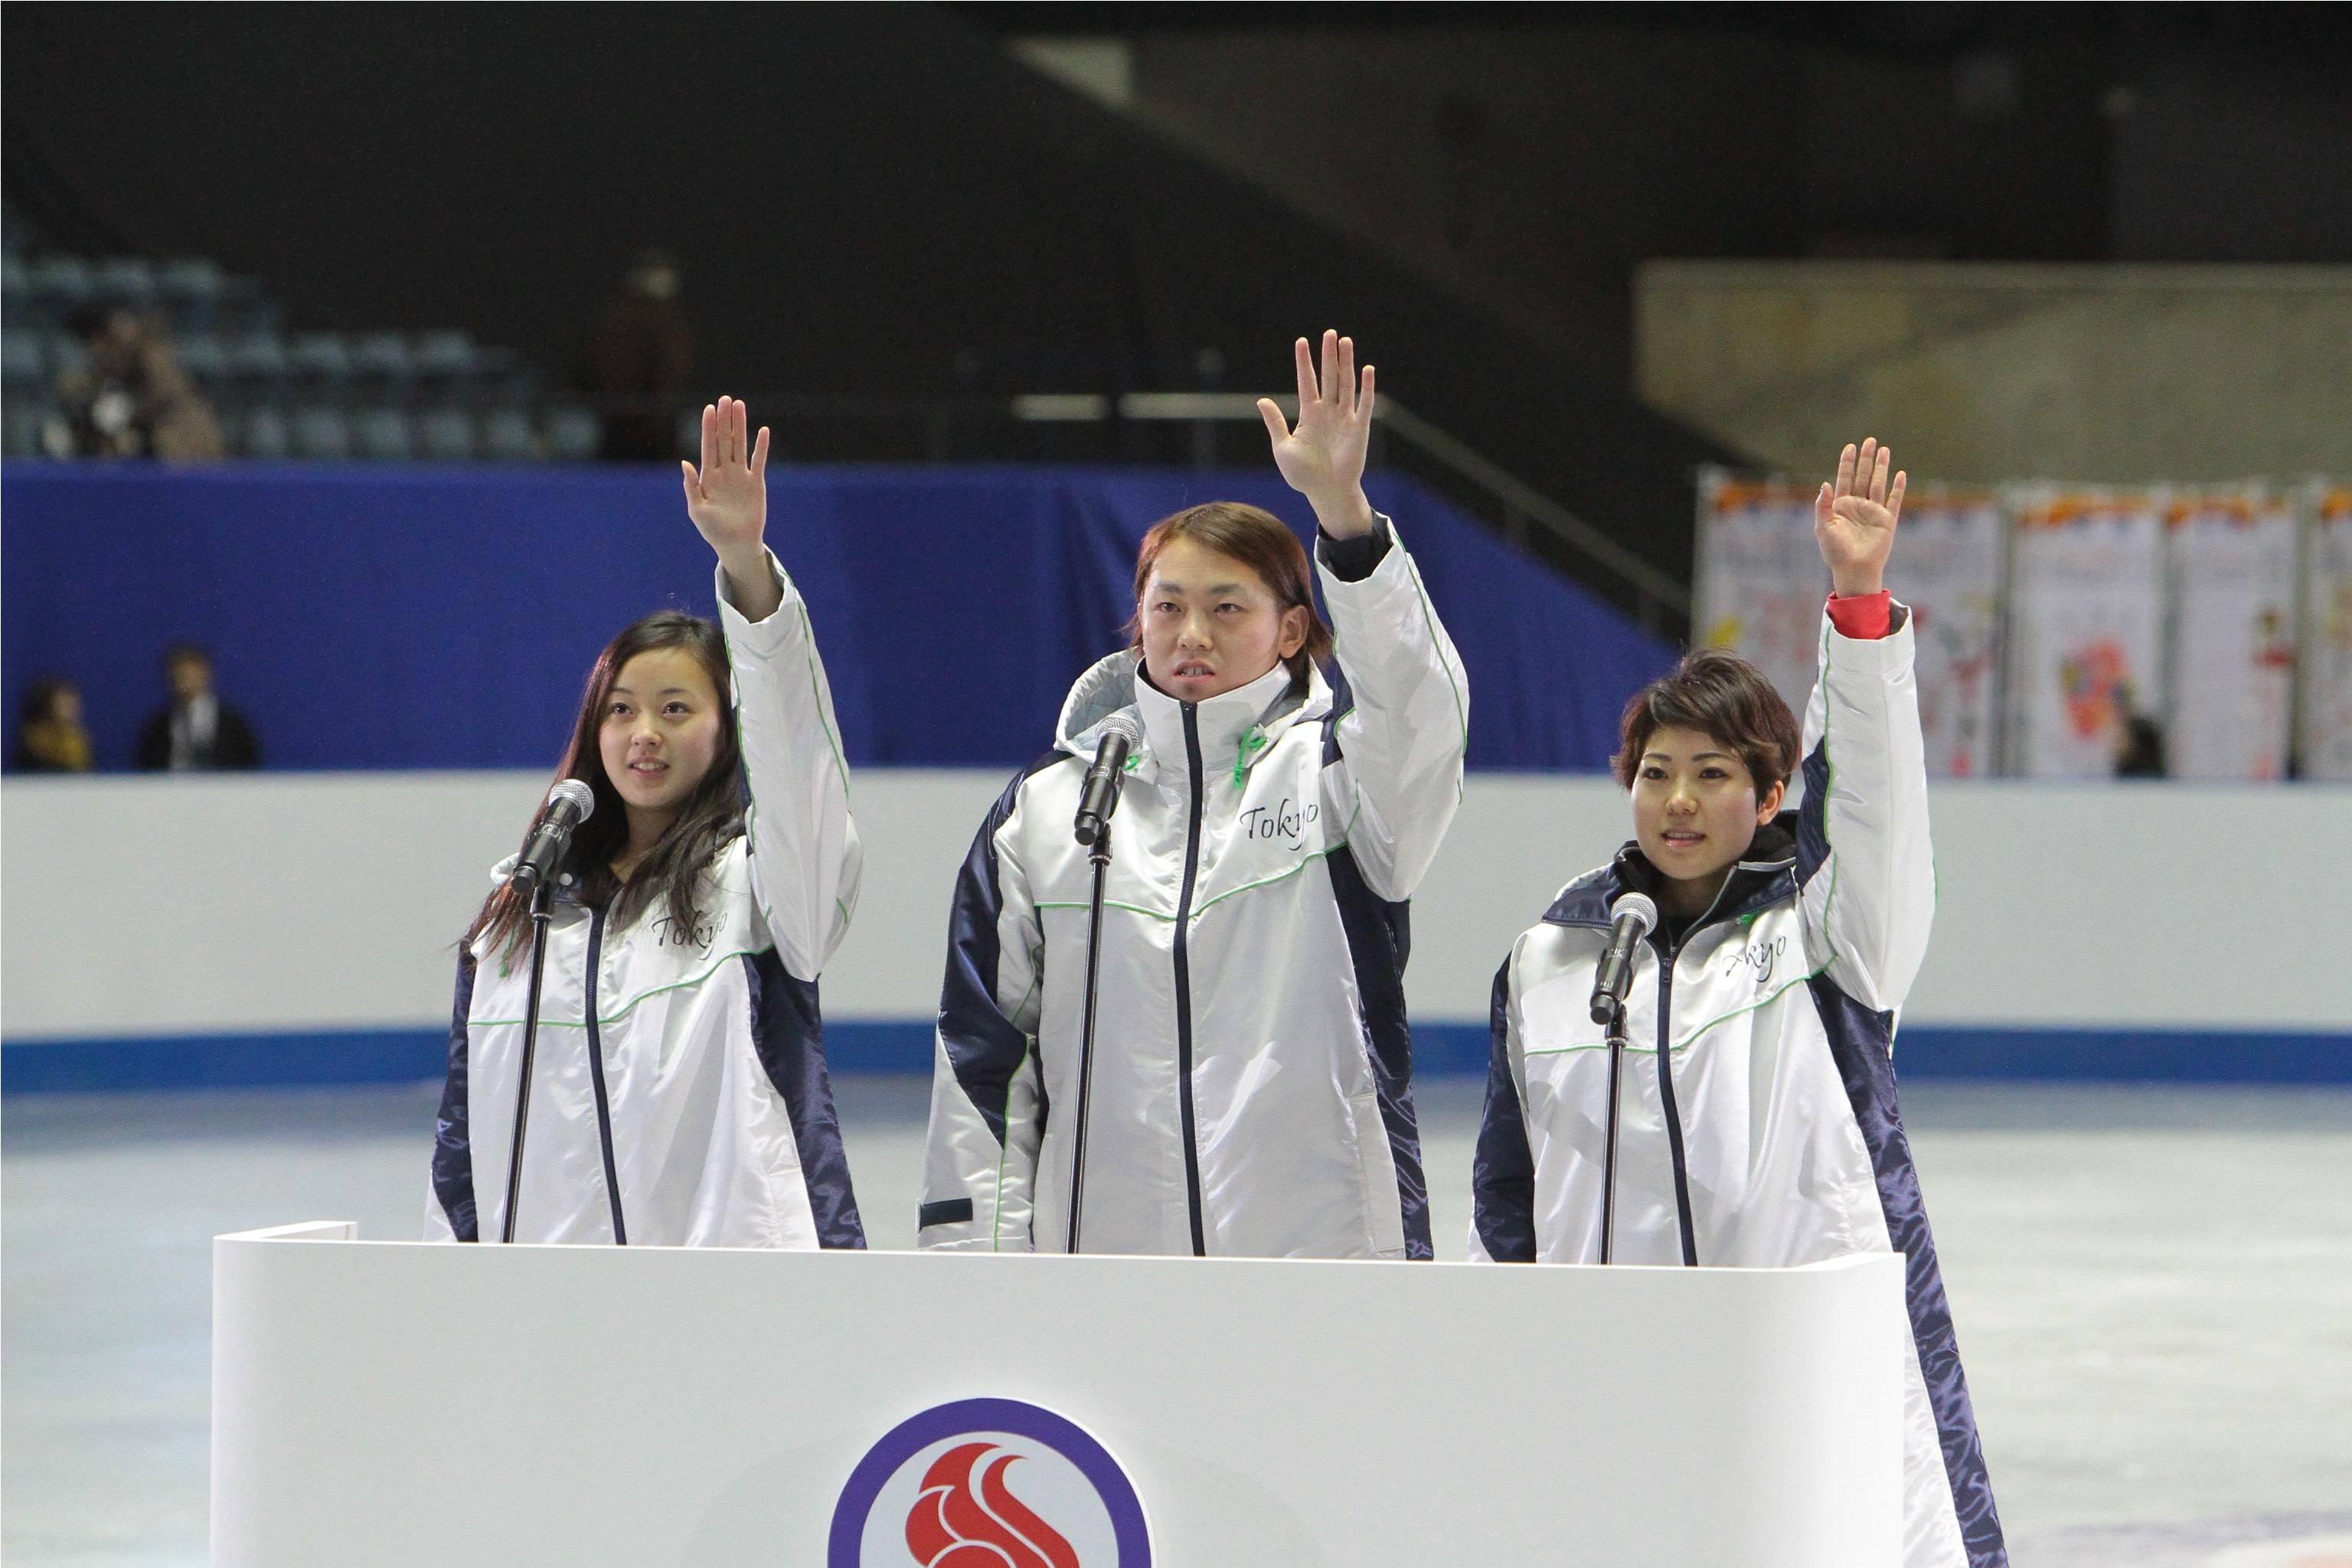 国民体育大会冬季大会スケート競技会フィギュアスケート